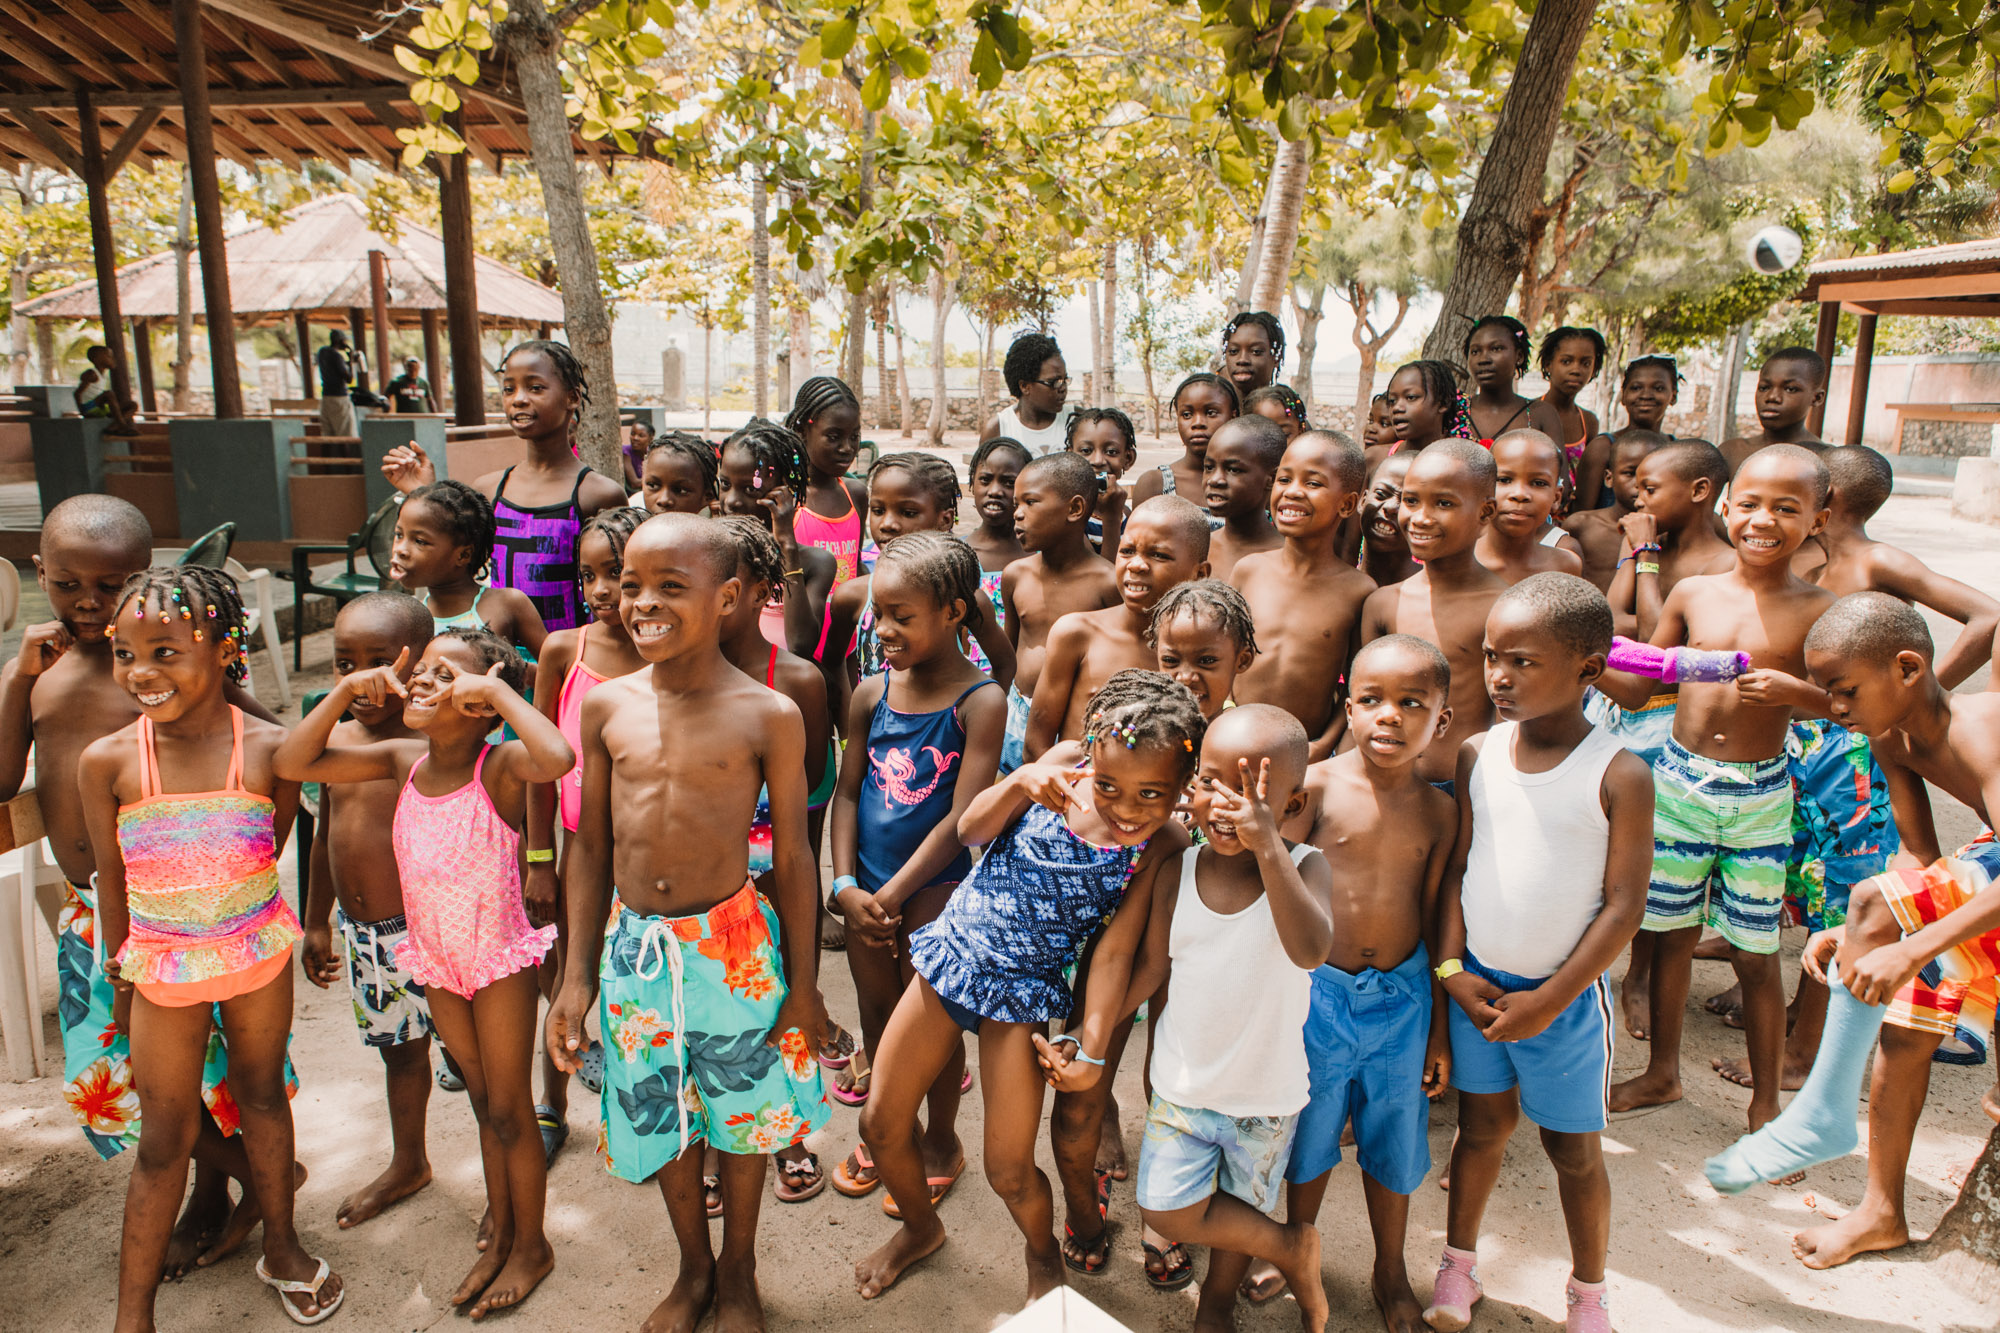 20190613_Surf City Haiti Blog_025_web.jpg